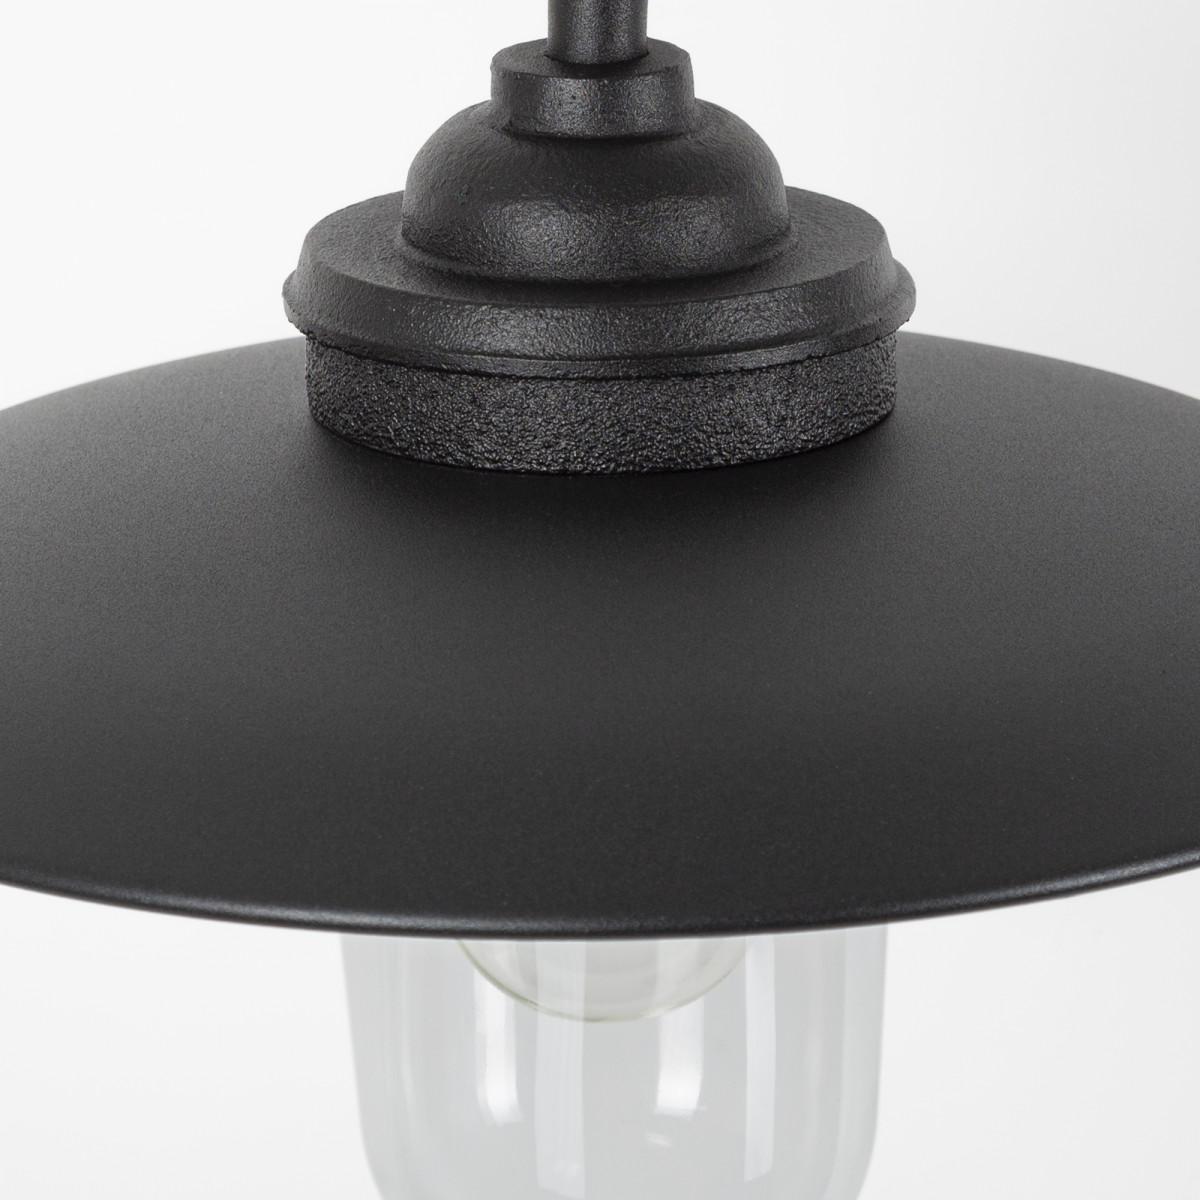 Stoere Stallamp Rhone buitenlamp  Zwart gietijzer landelijke buitenverlichting KS Verlichting